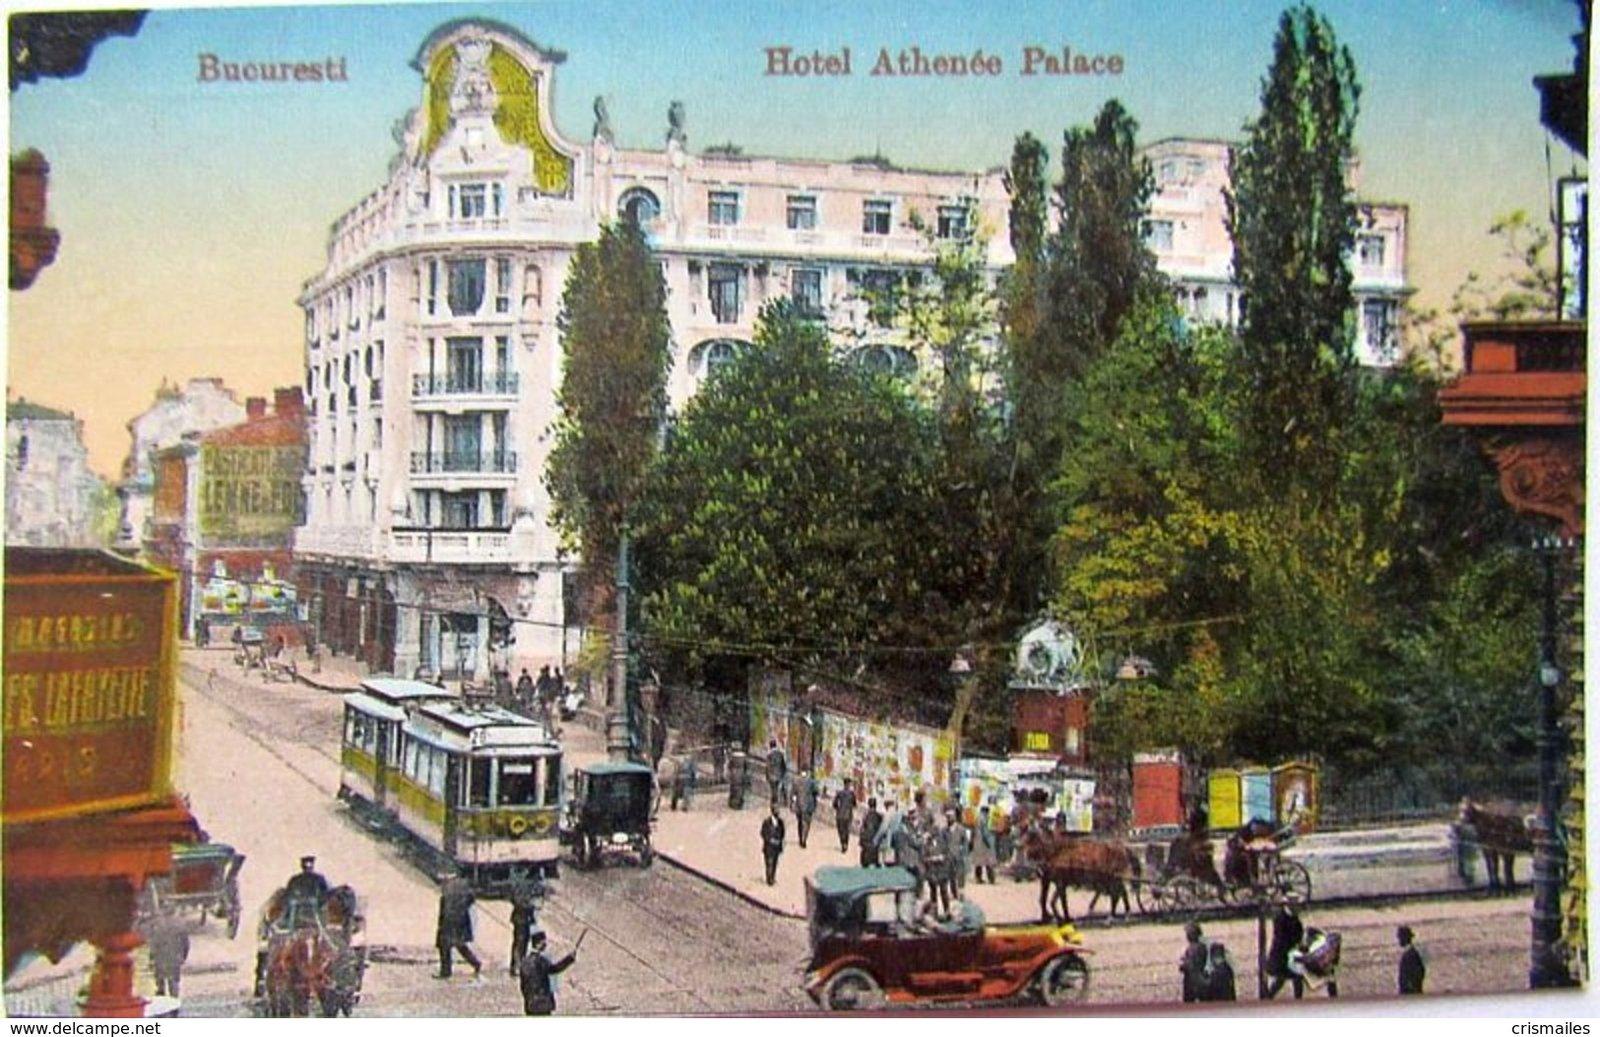 Sursa foto: www.delcampe.net